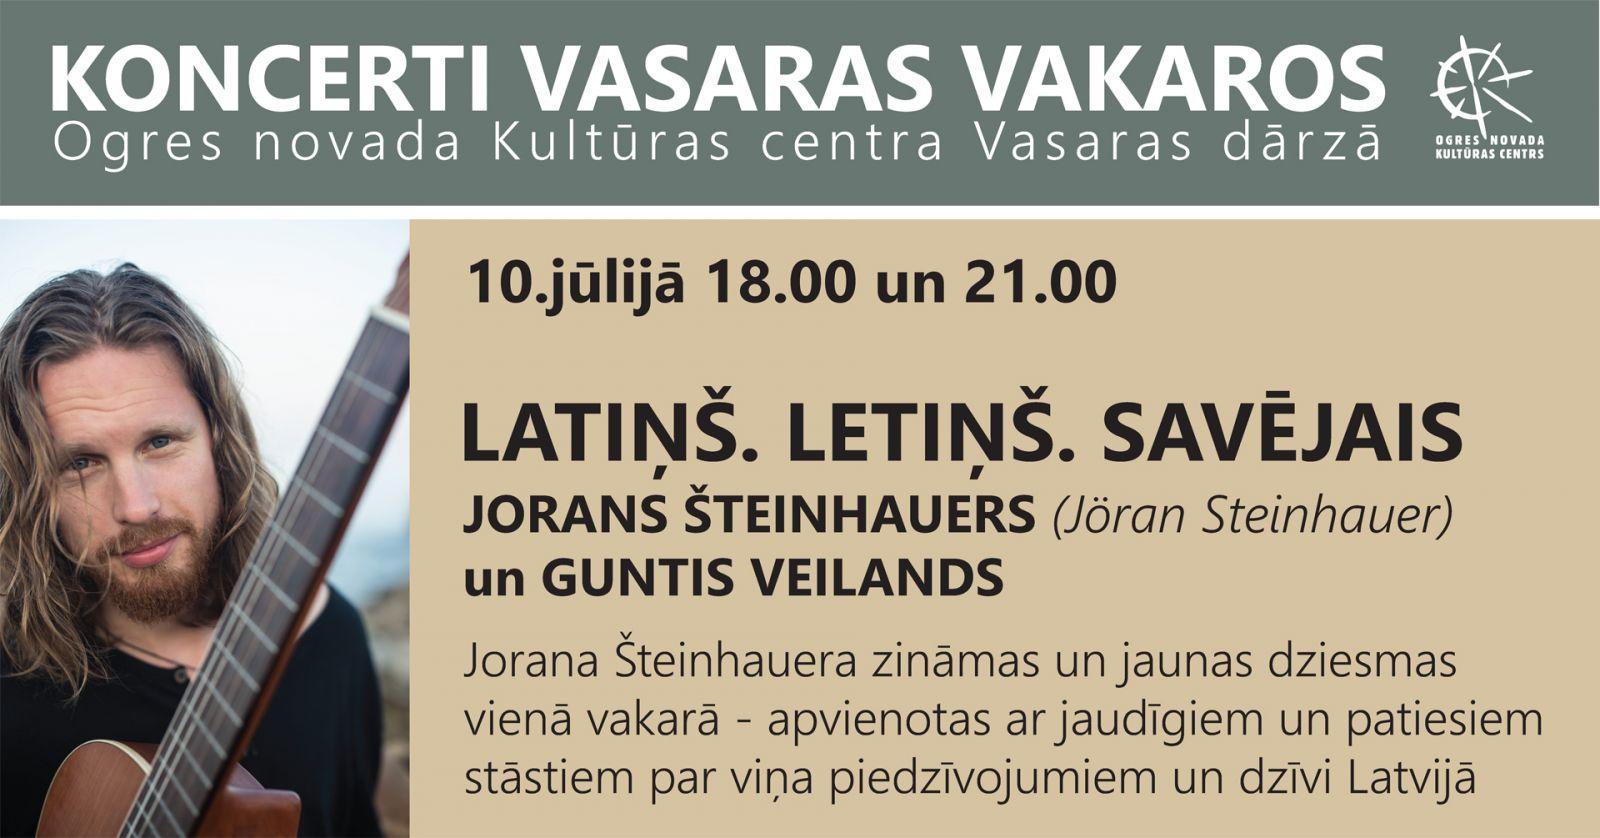 10. jūlijā Ogrē koncertēs JORANS ŠTEINHAUERS (Jöran Steinhauer)